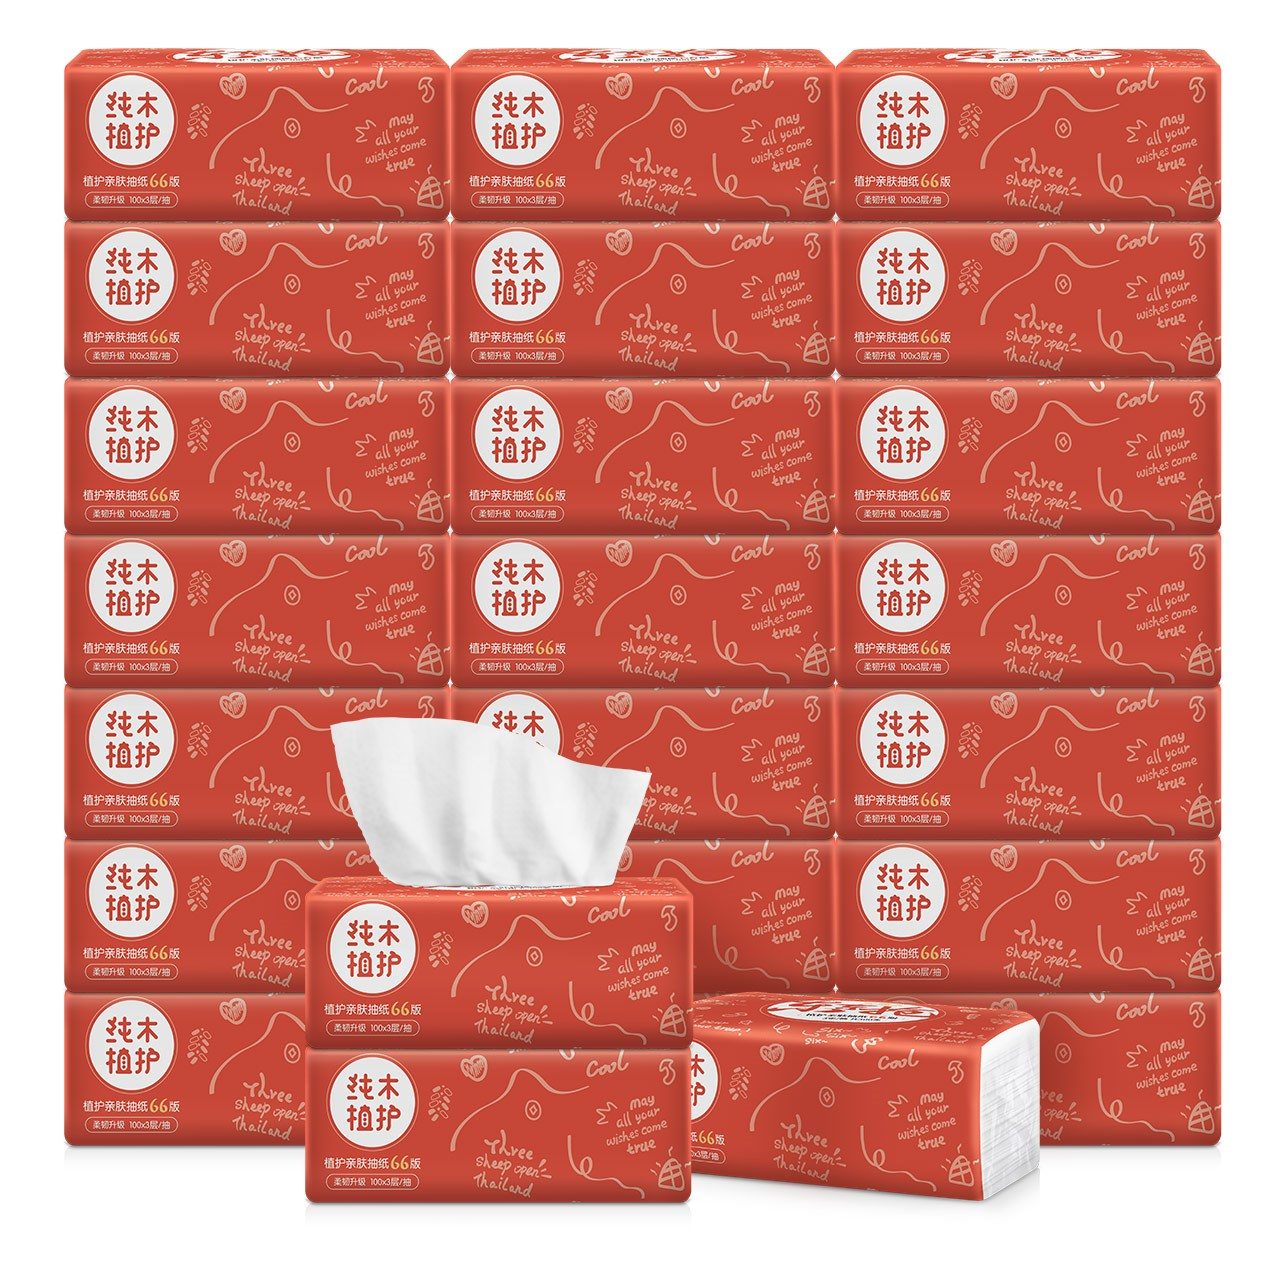 植护原木抽纸*24包整箱装